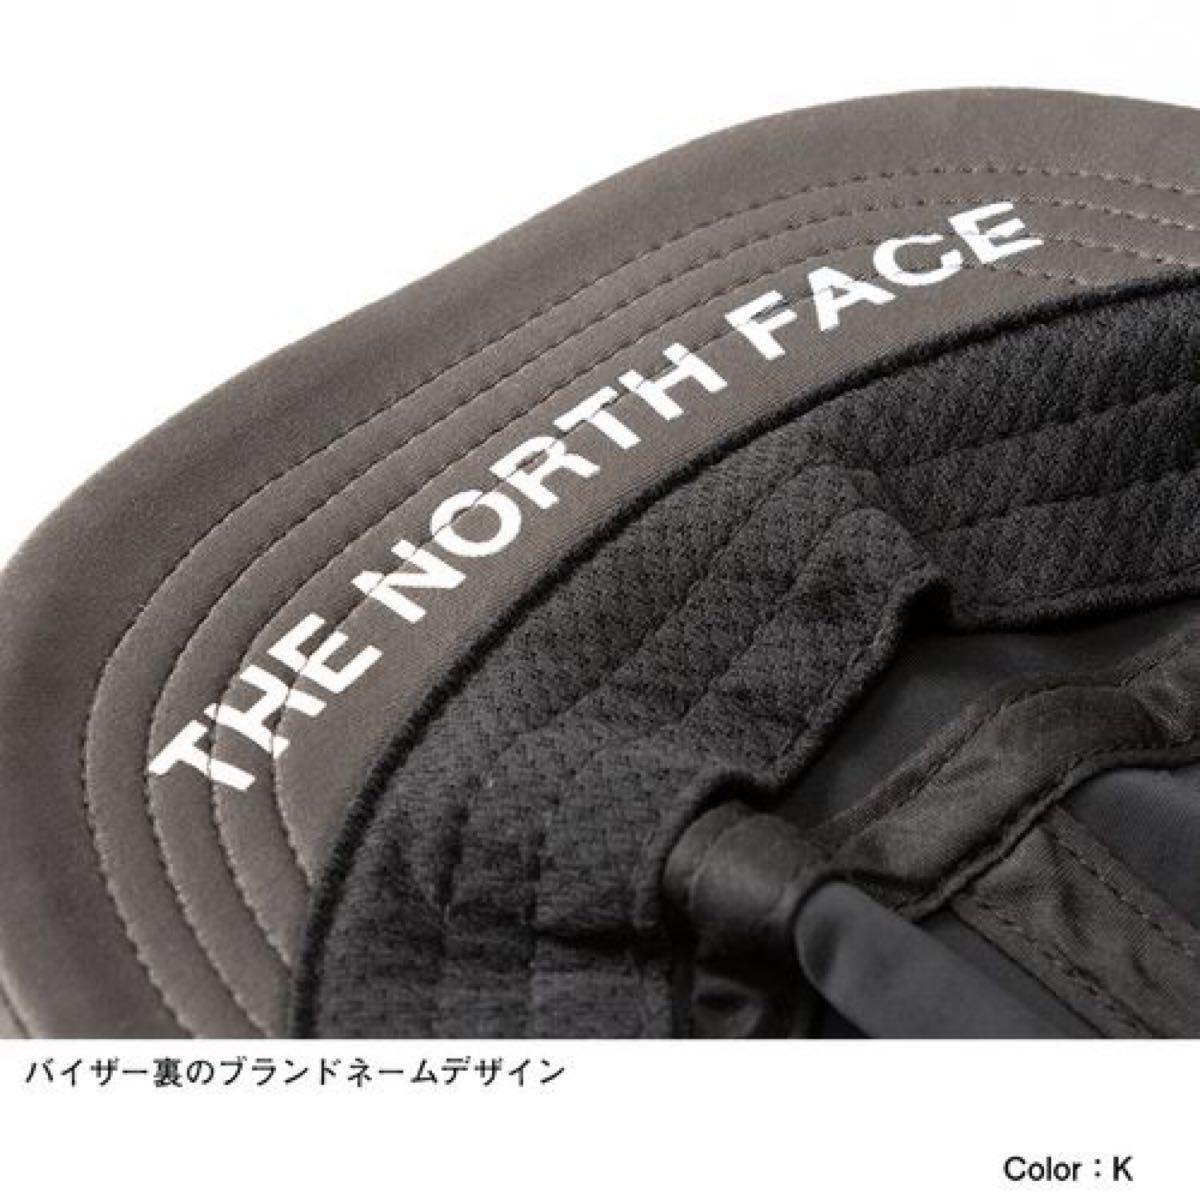 THE NORTH FACEザノースフェイス ランニングキャップ ユニセックスM